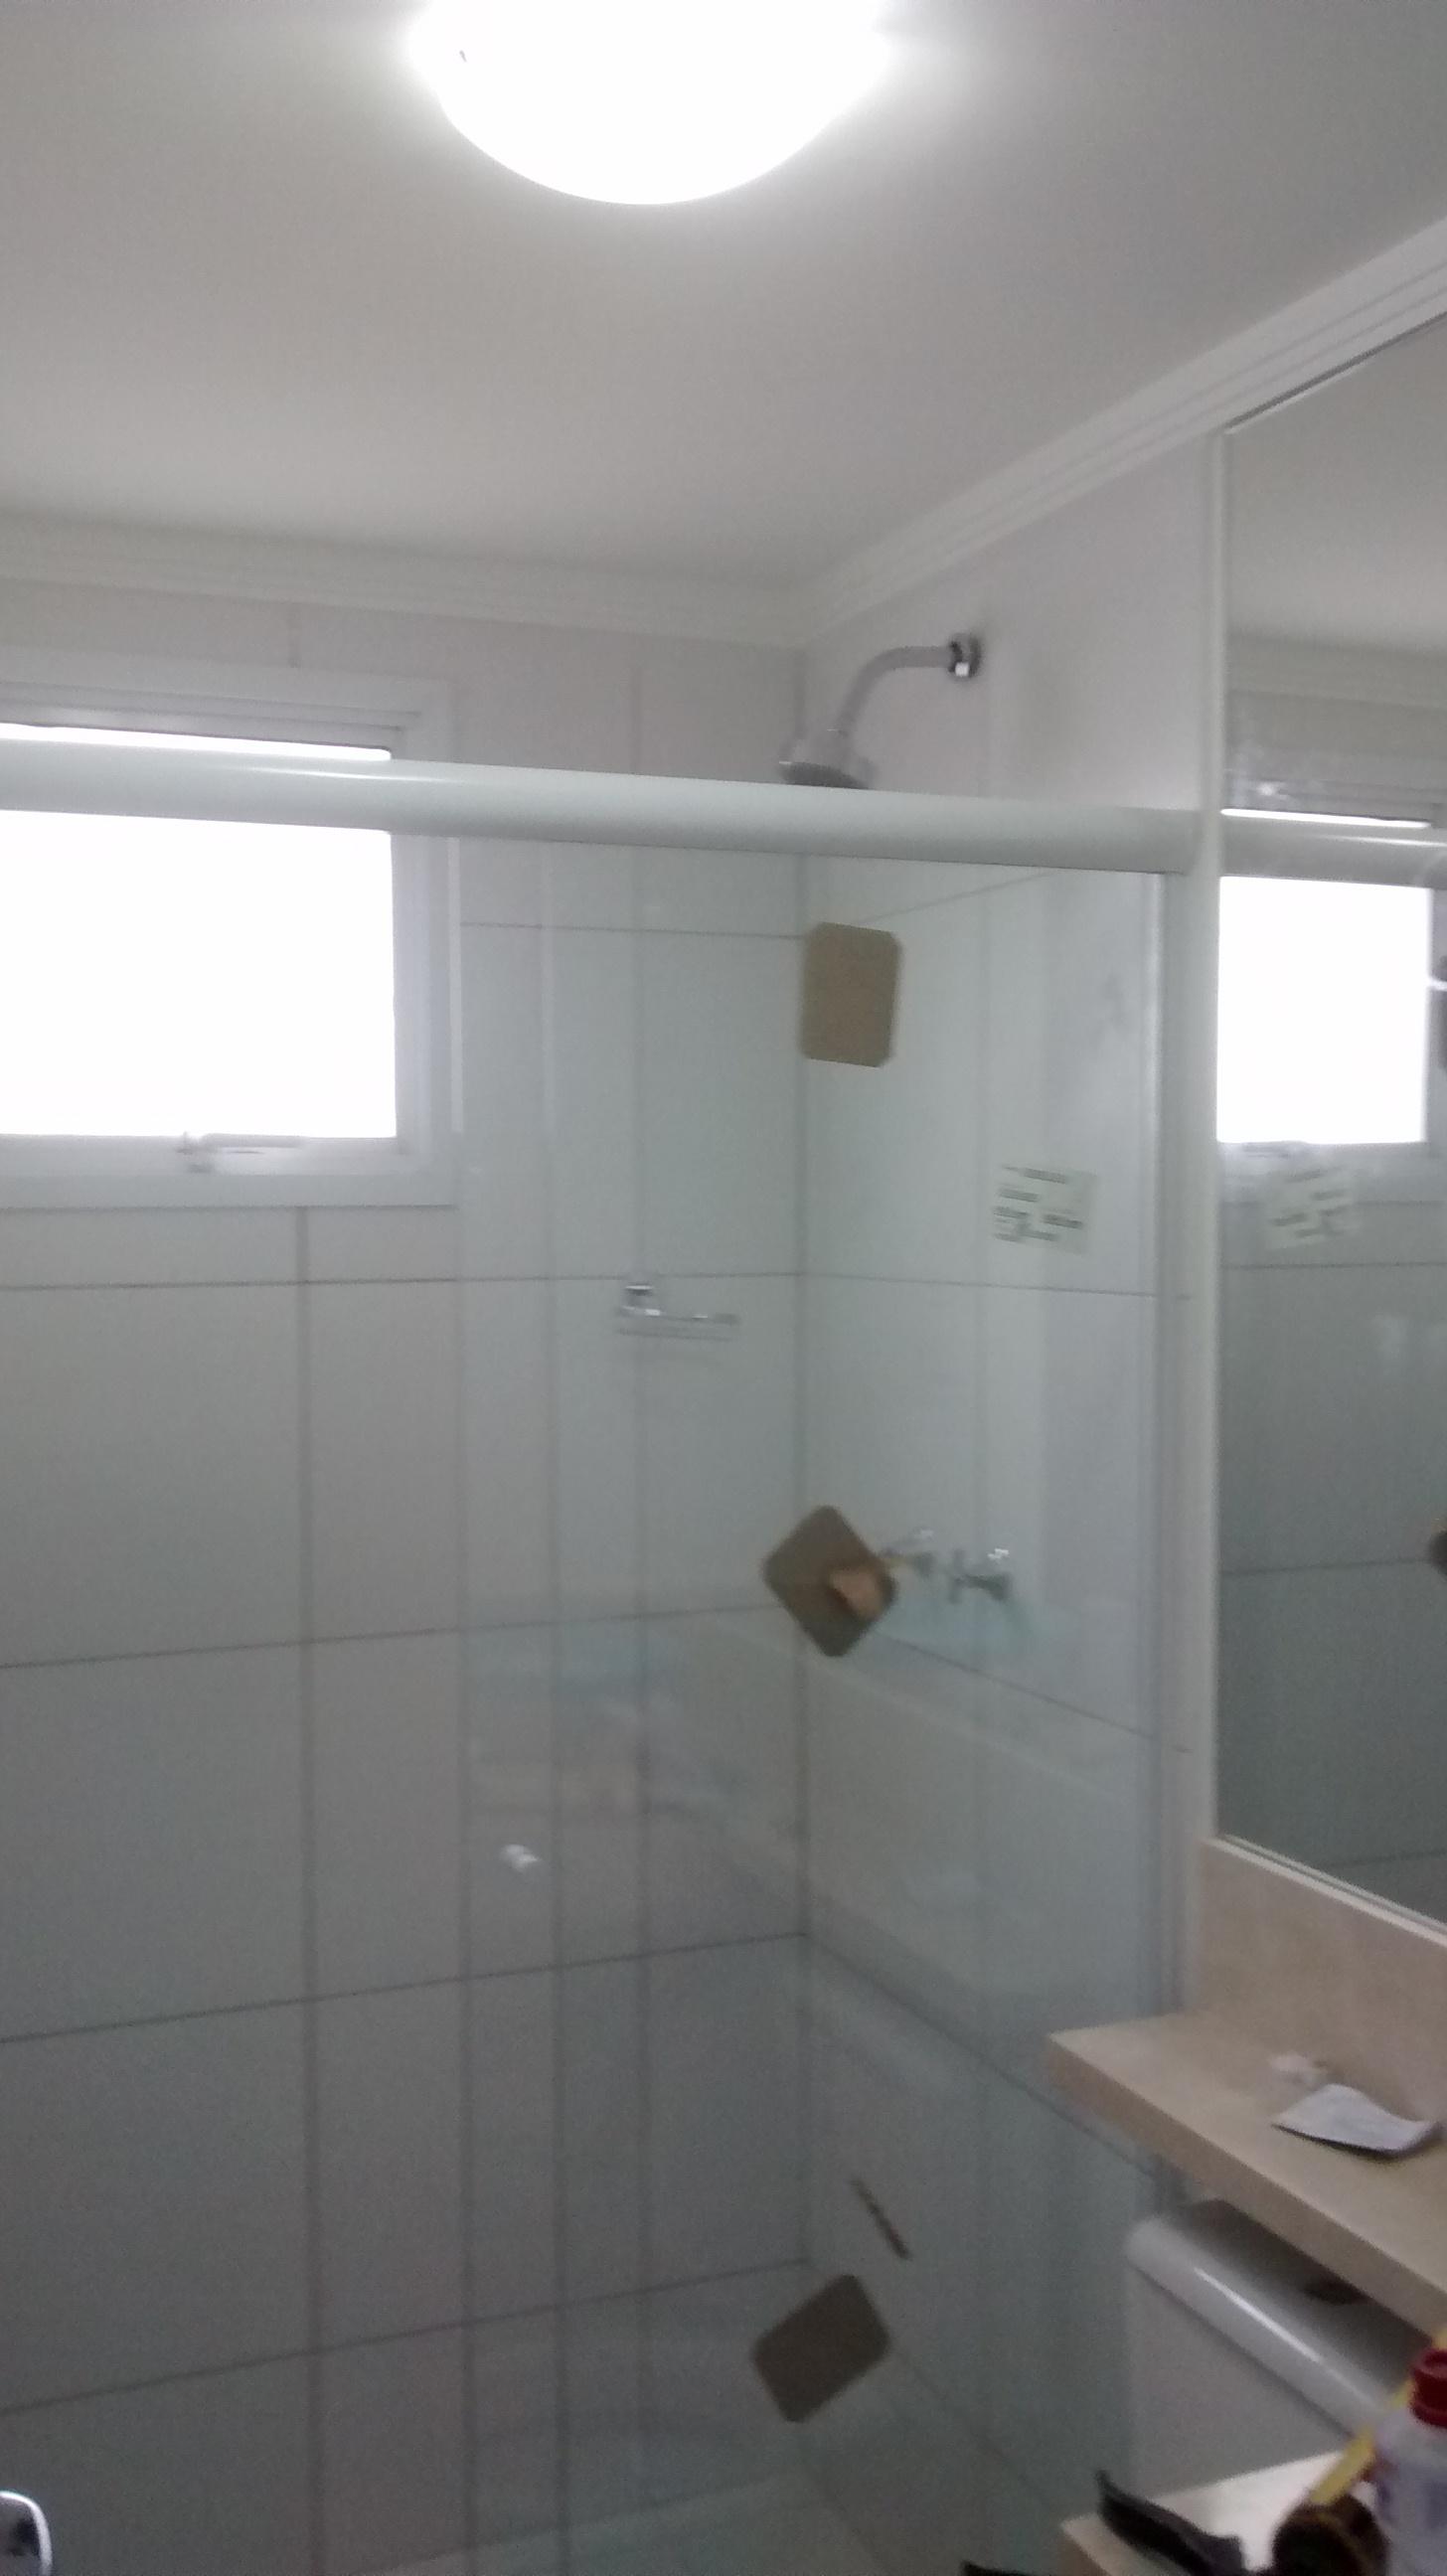 Imagens de #655D50 Shopping dos Vidros Box Portas Janelas Guarda Corpo Espelhos 1456x2592 px 2896 Box Banheiro Higienopolis